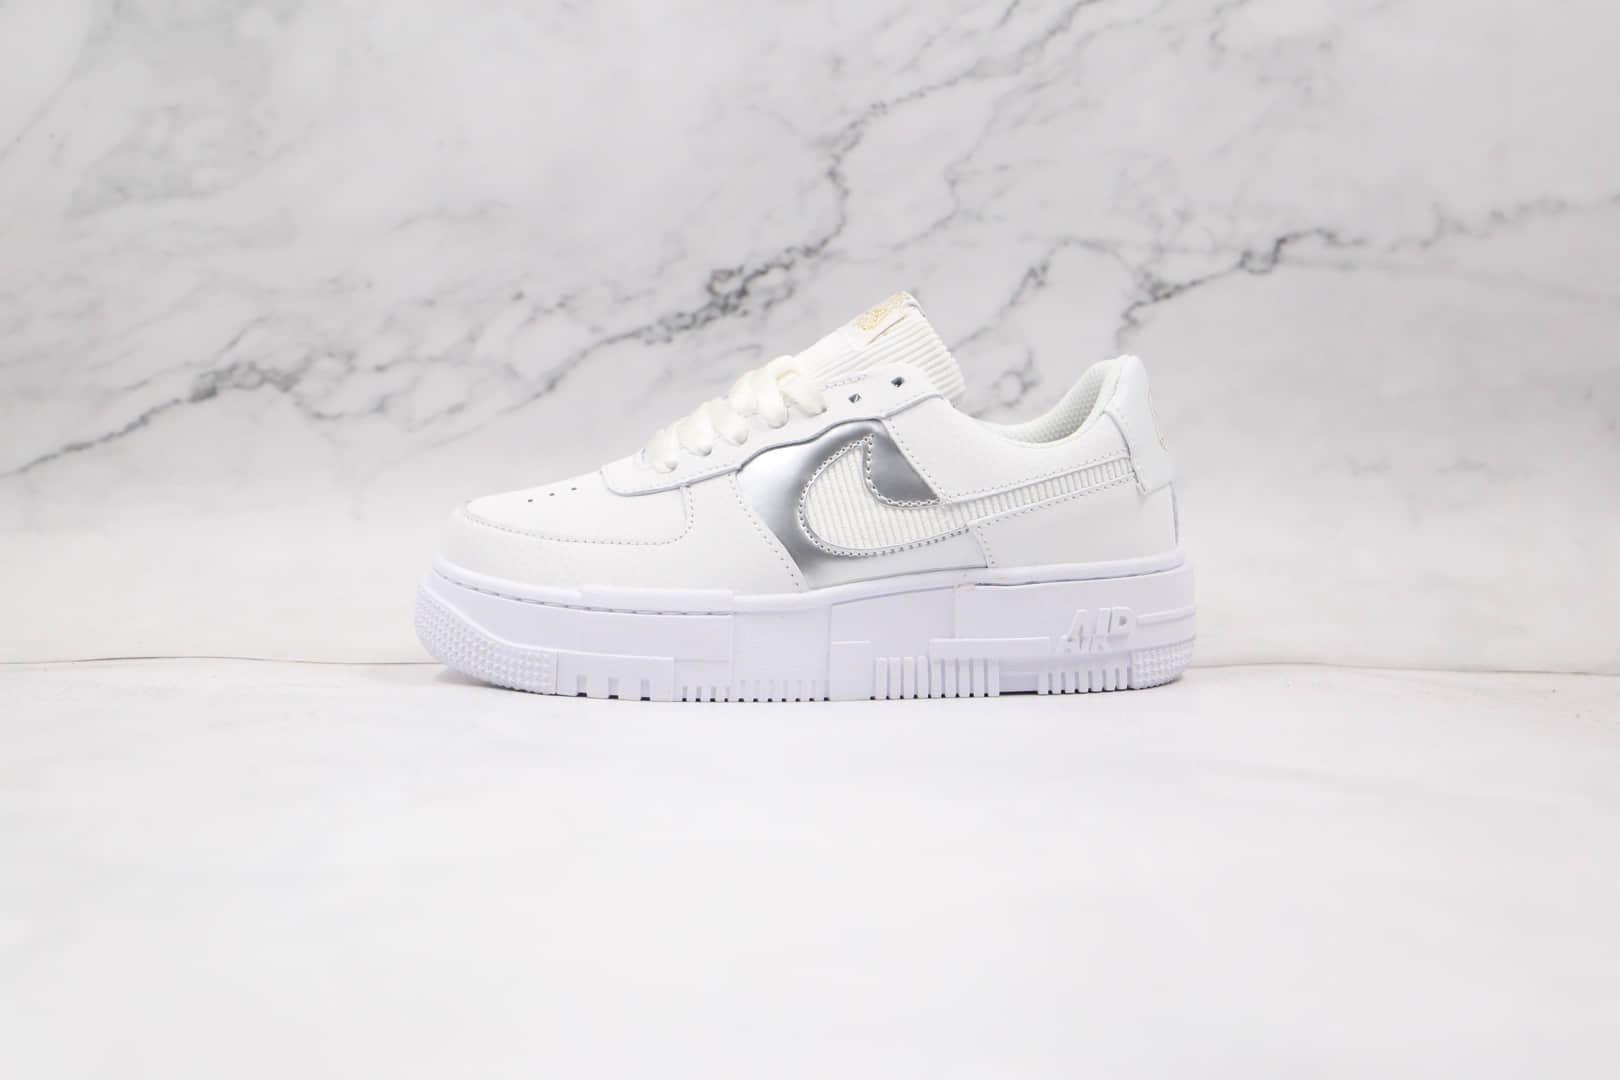 纯原版本耐克低帮空军一号白镭射银板鞋出货